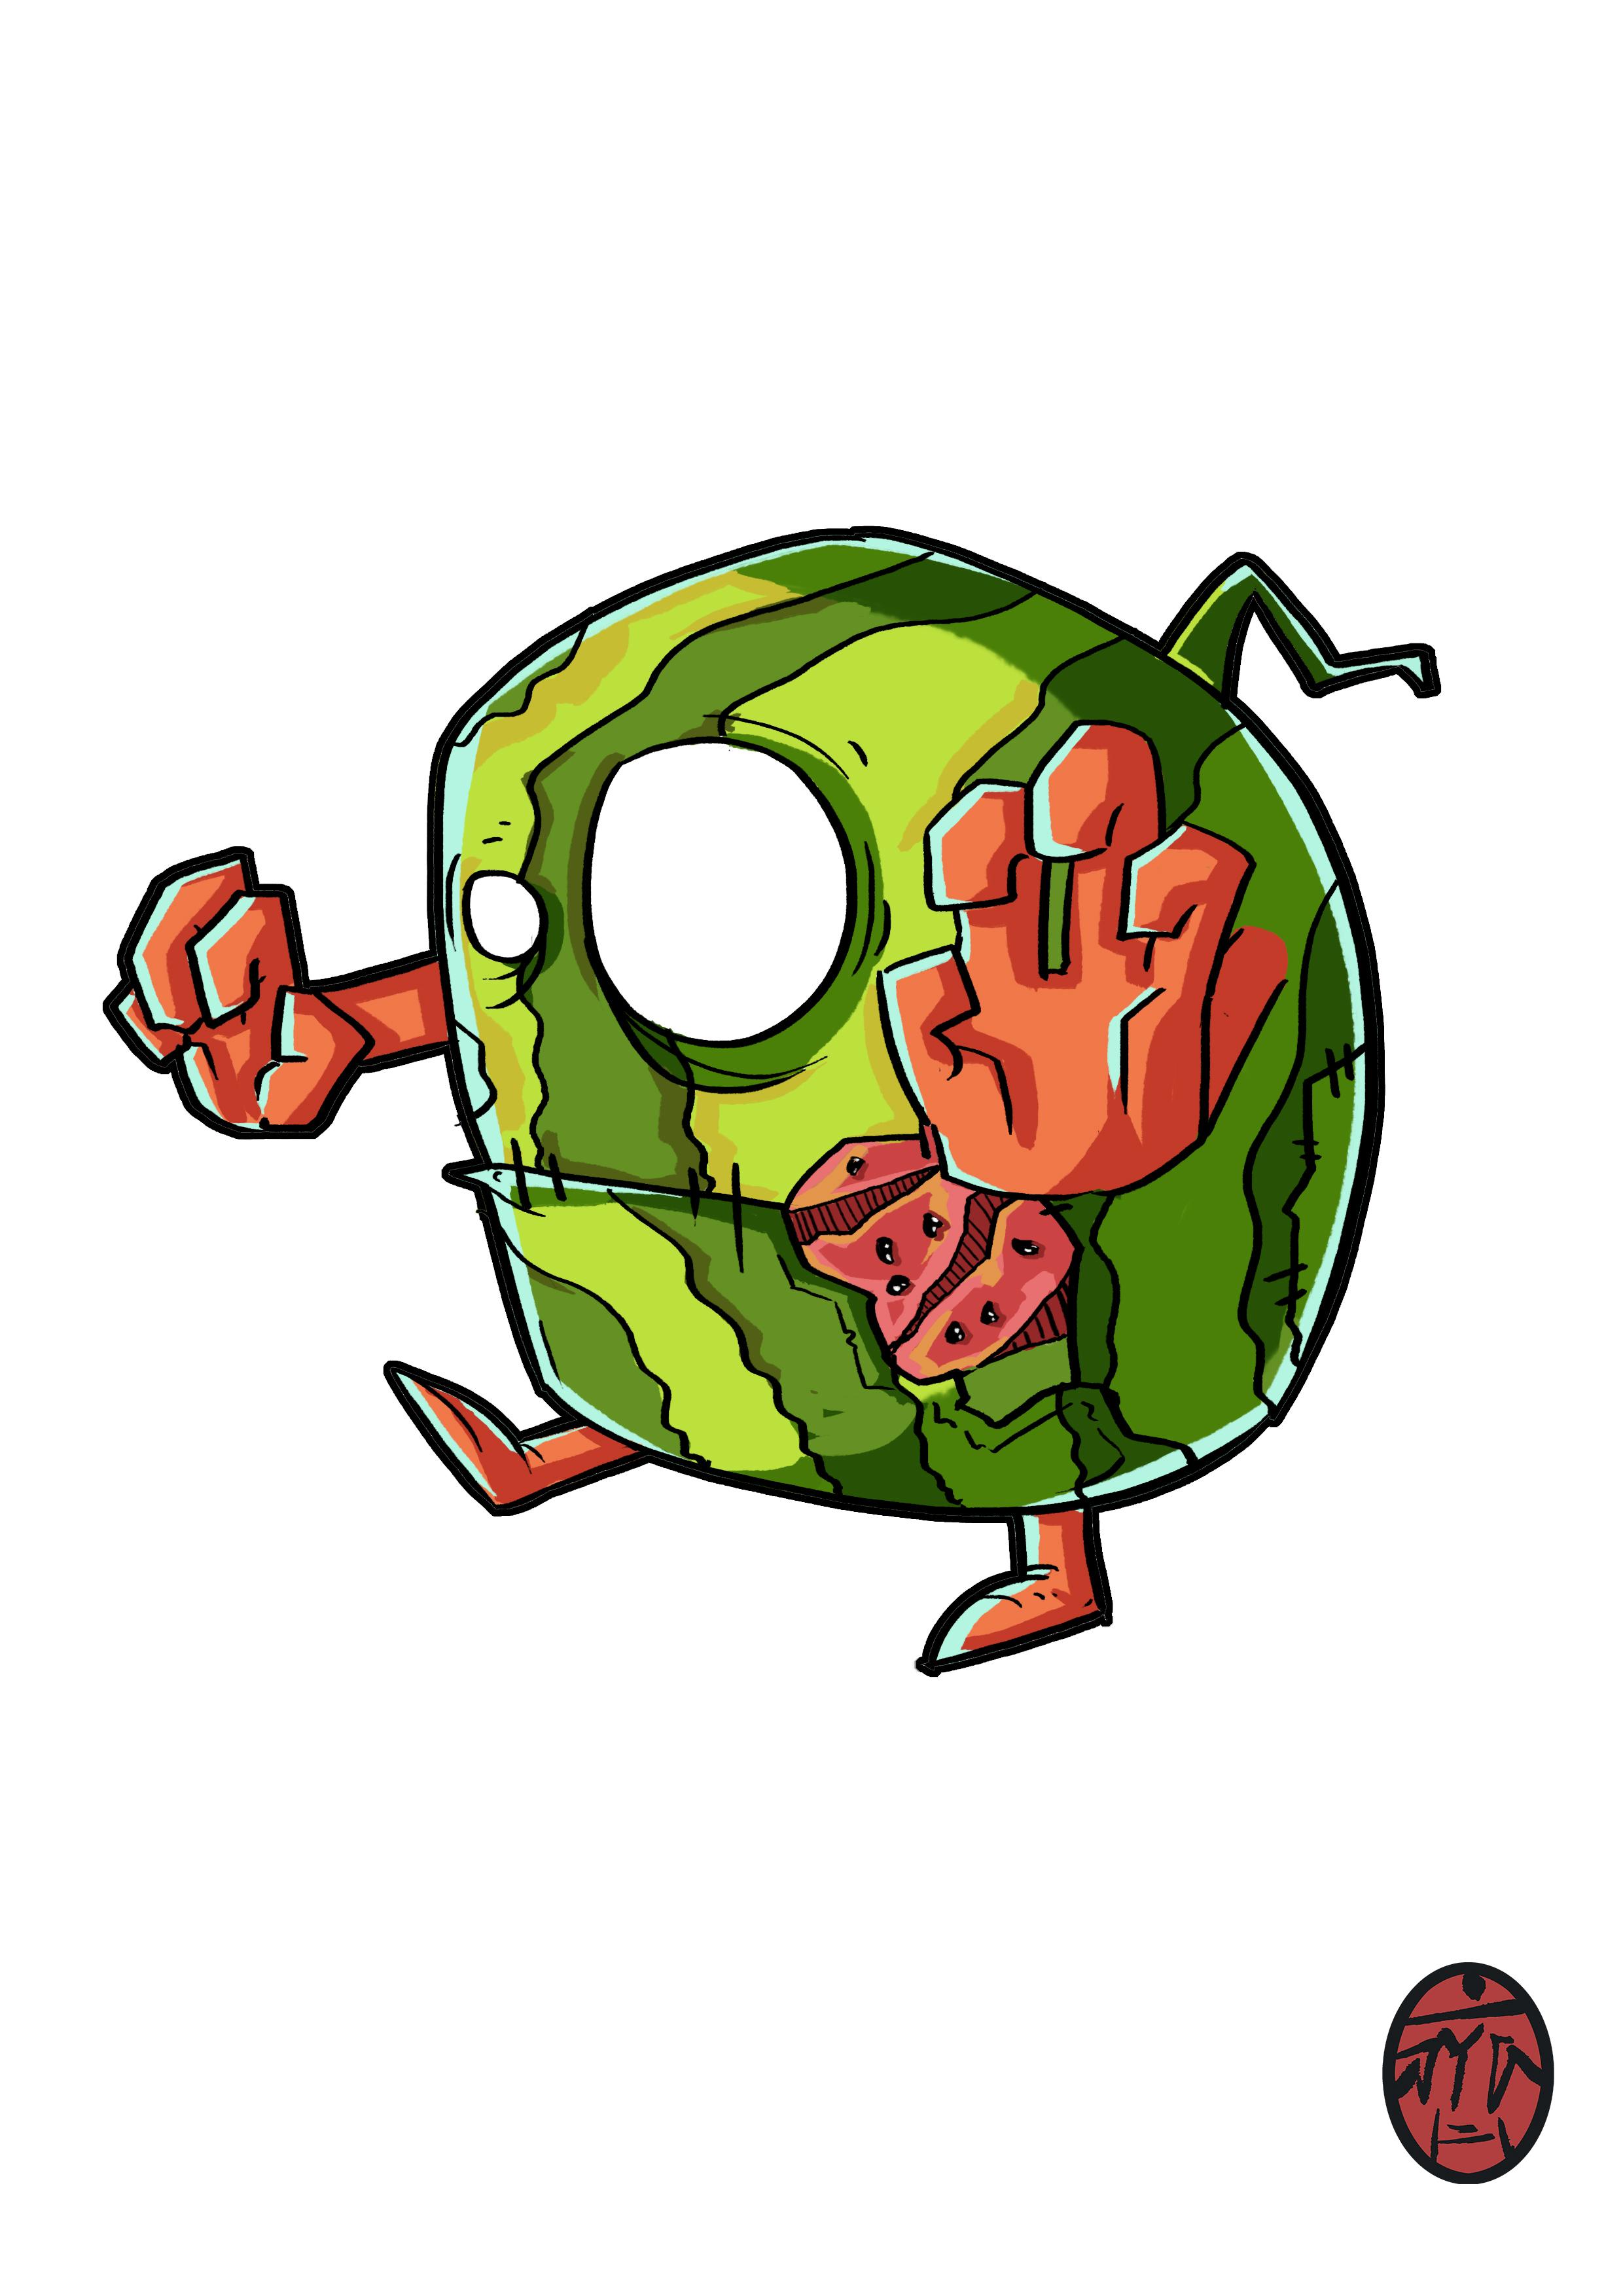 水果 蔬菜 卡通形象设计